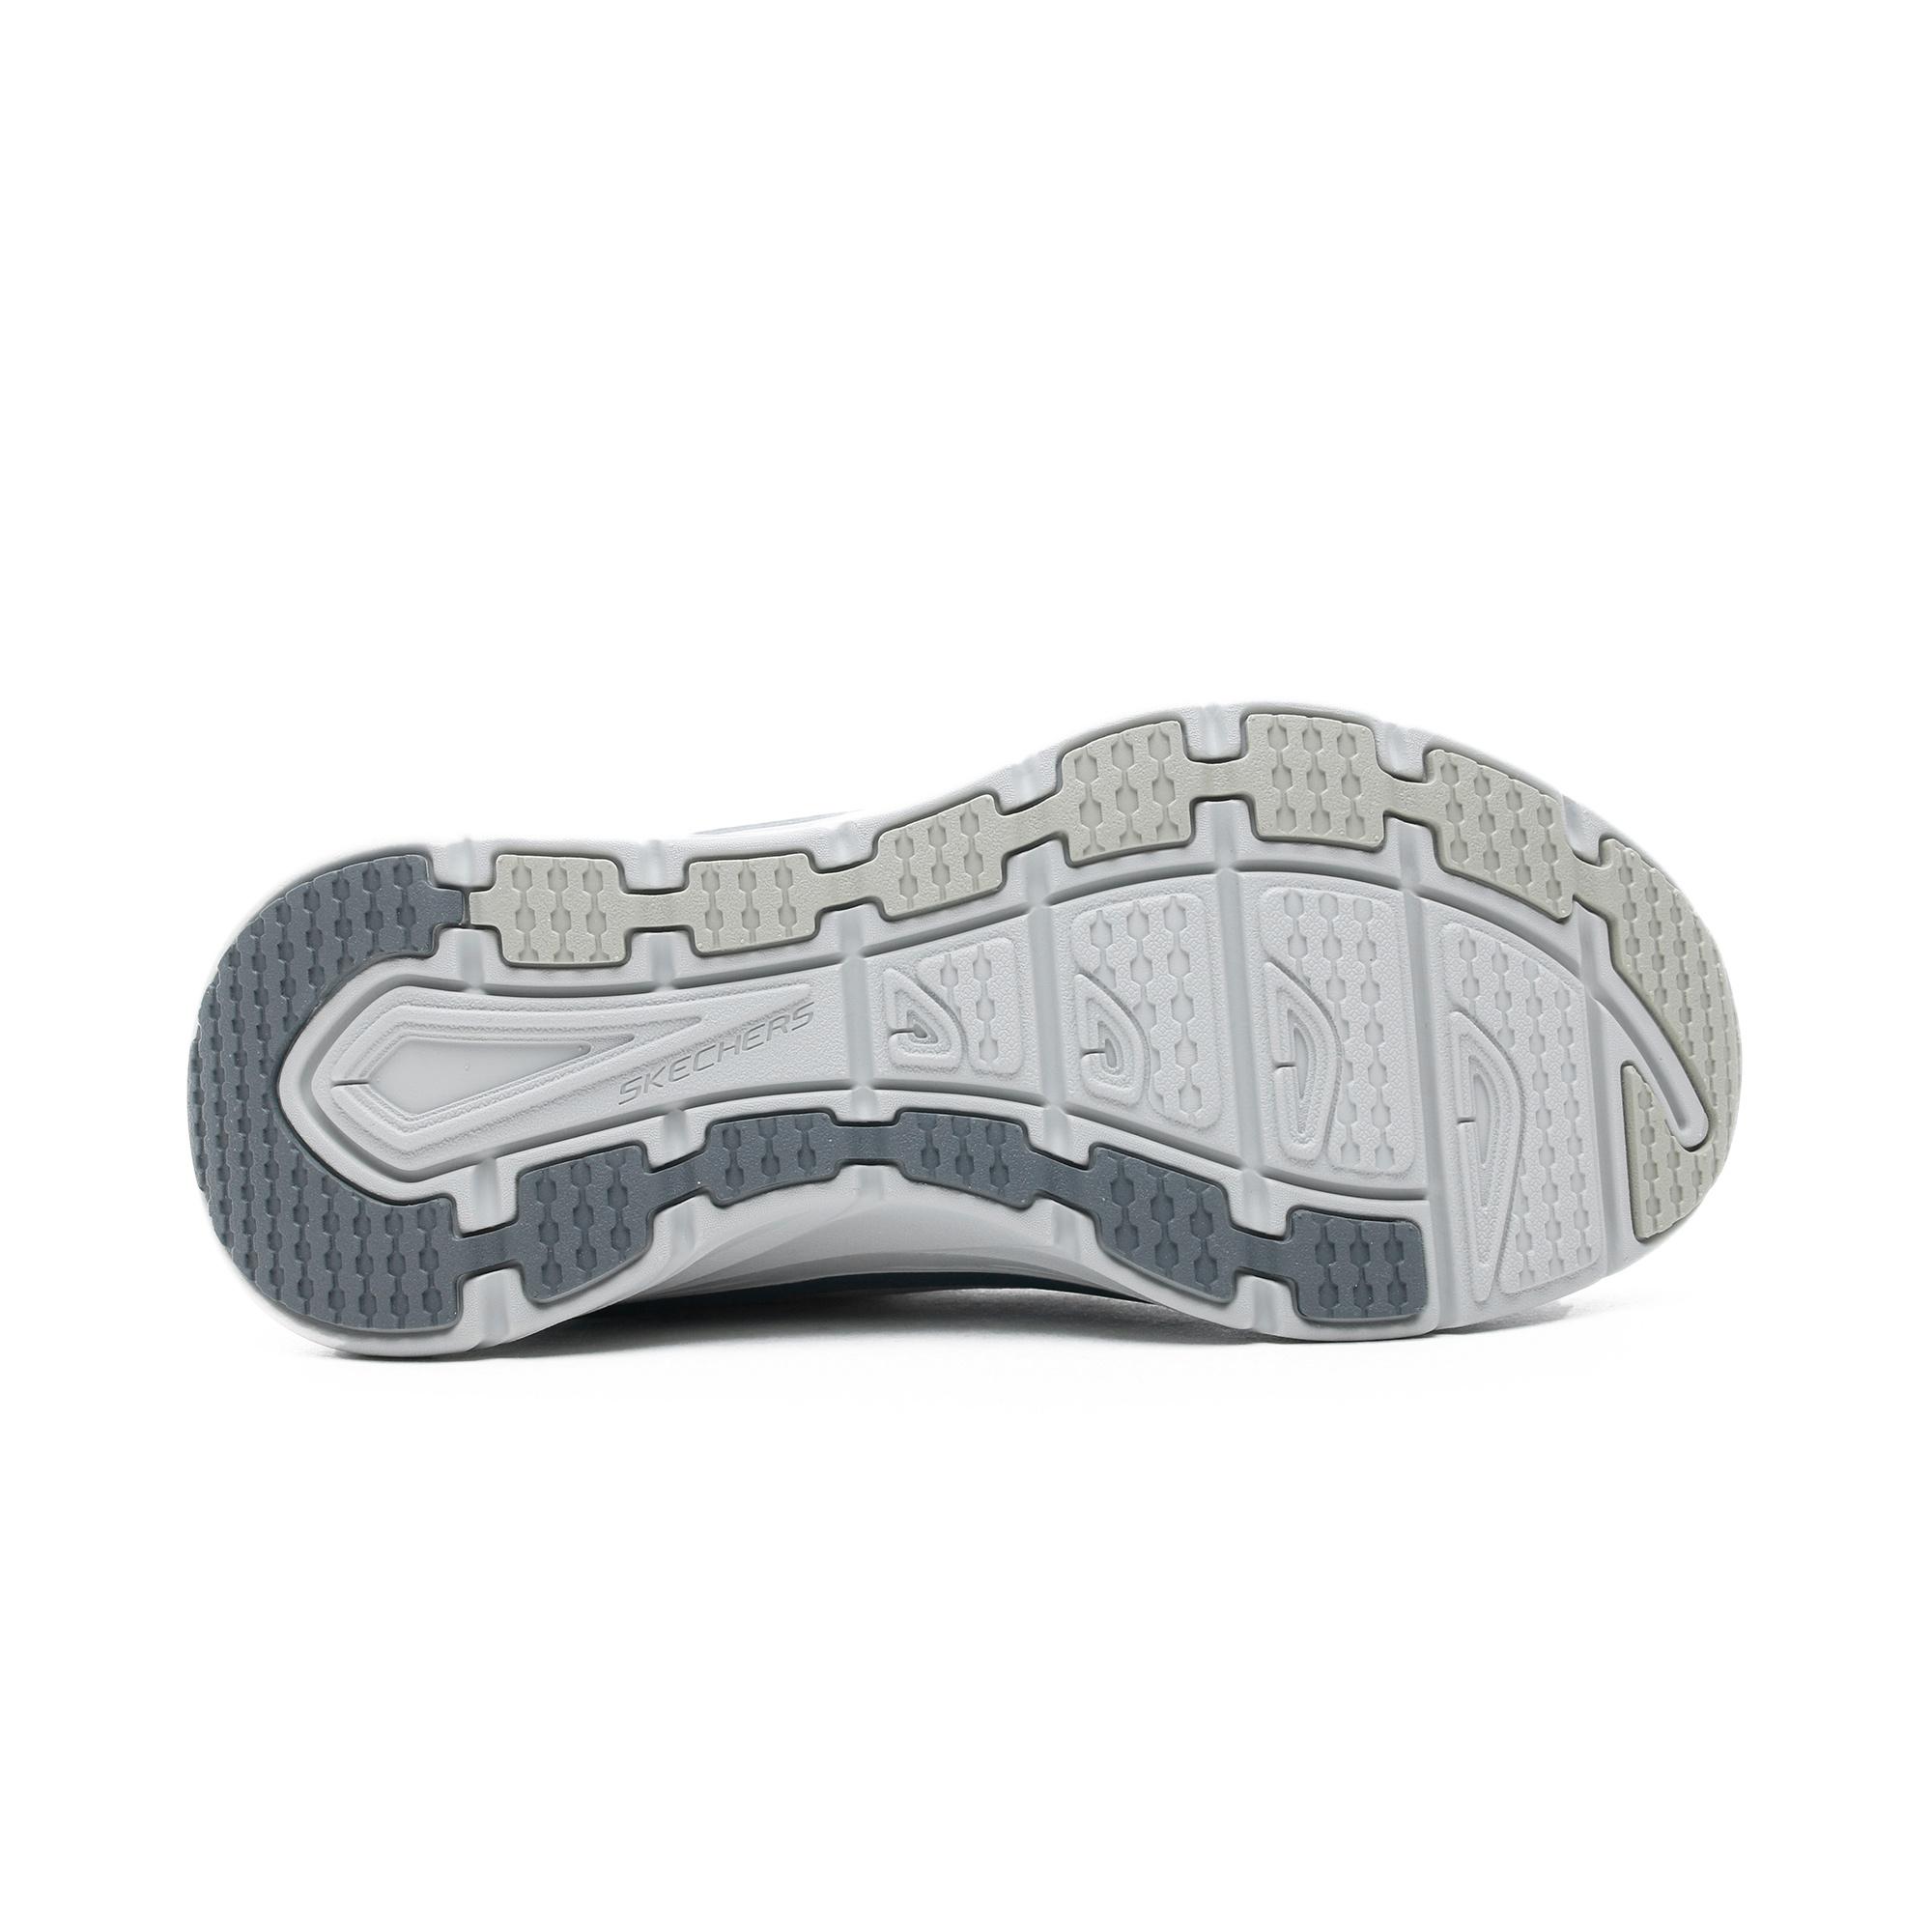 Skechers D'Lux Walker Erkek Bej Spor Ayakkabı